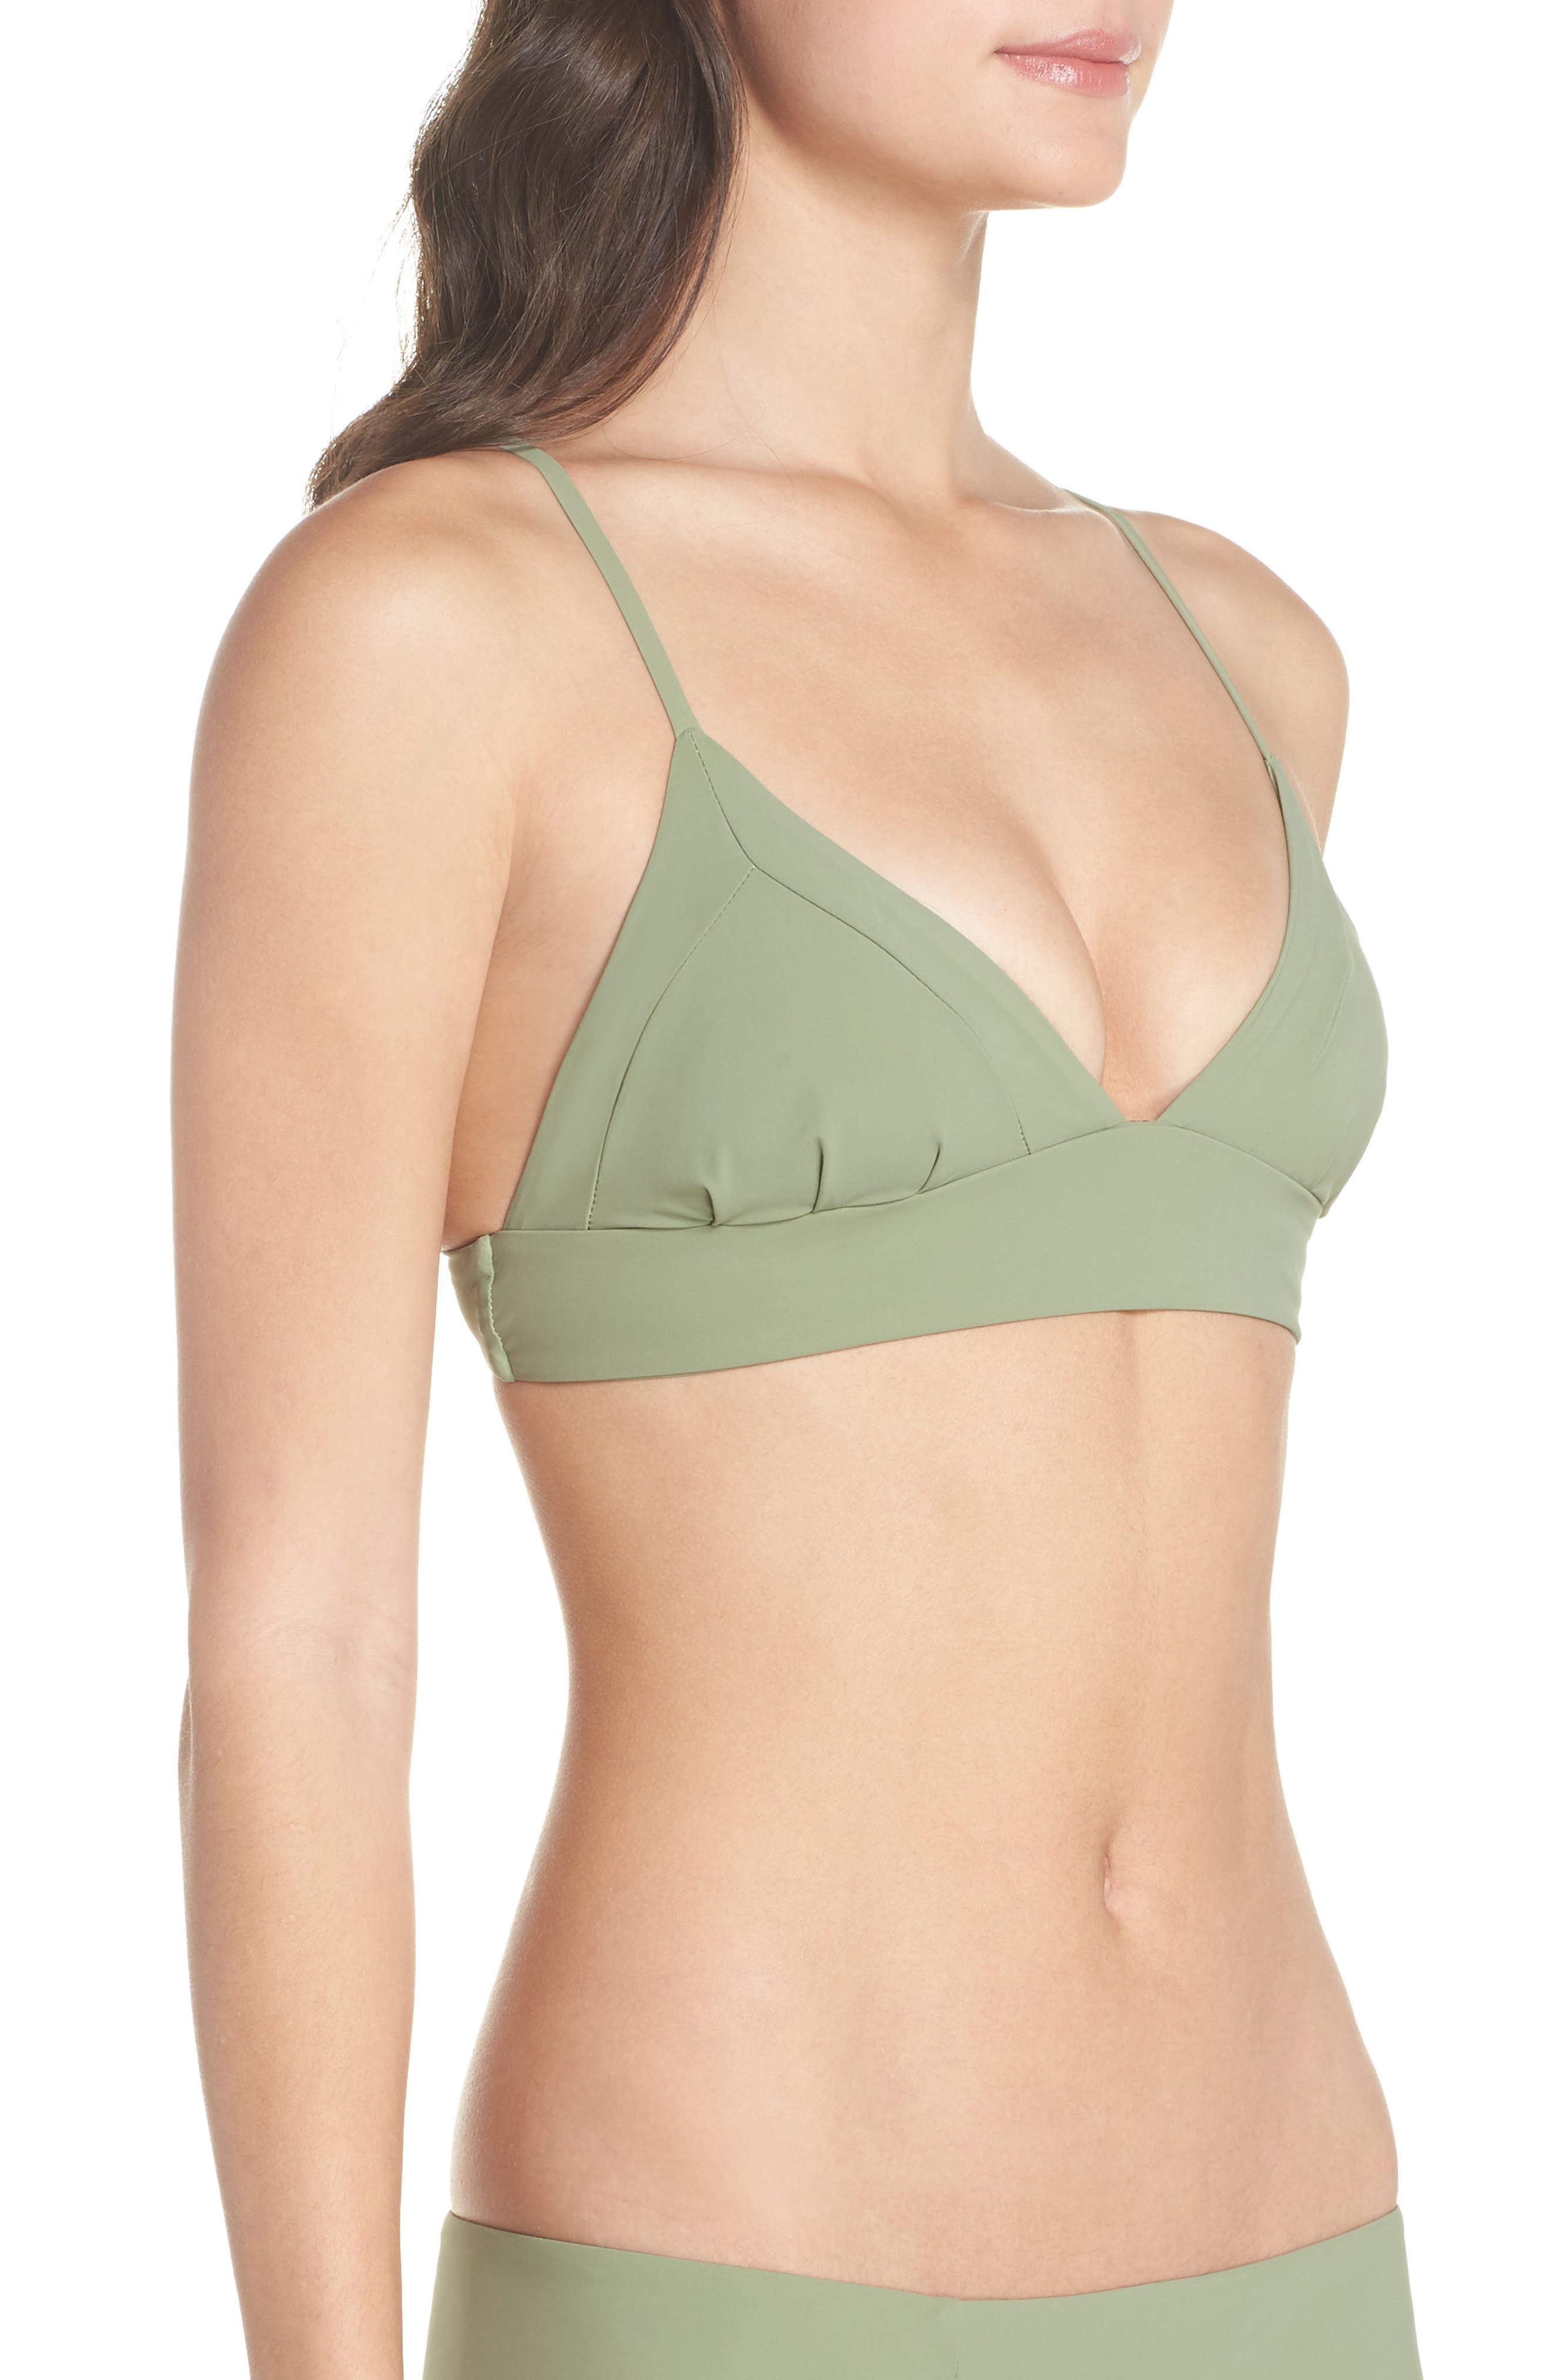 Dana the Delinquent Bikini Top,                             Alternate thumbnail 3, color,                             SAGE